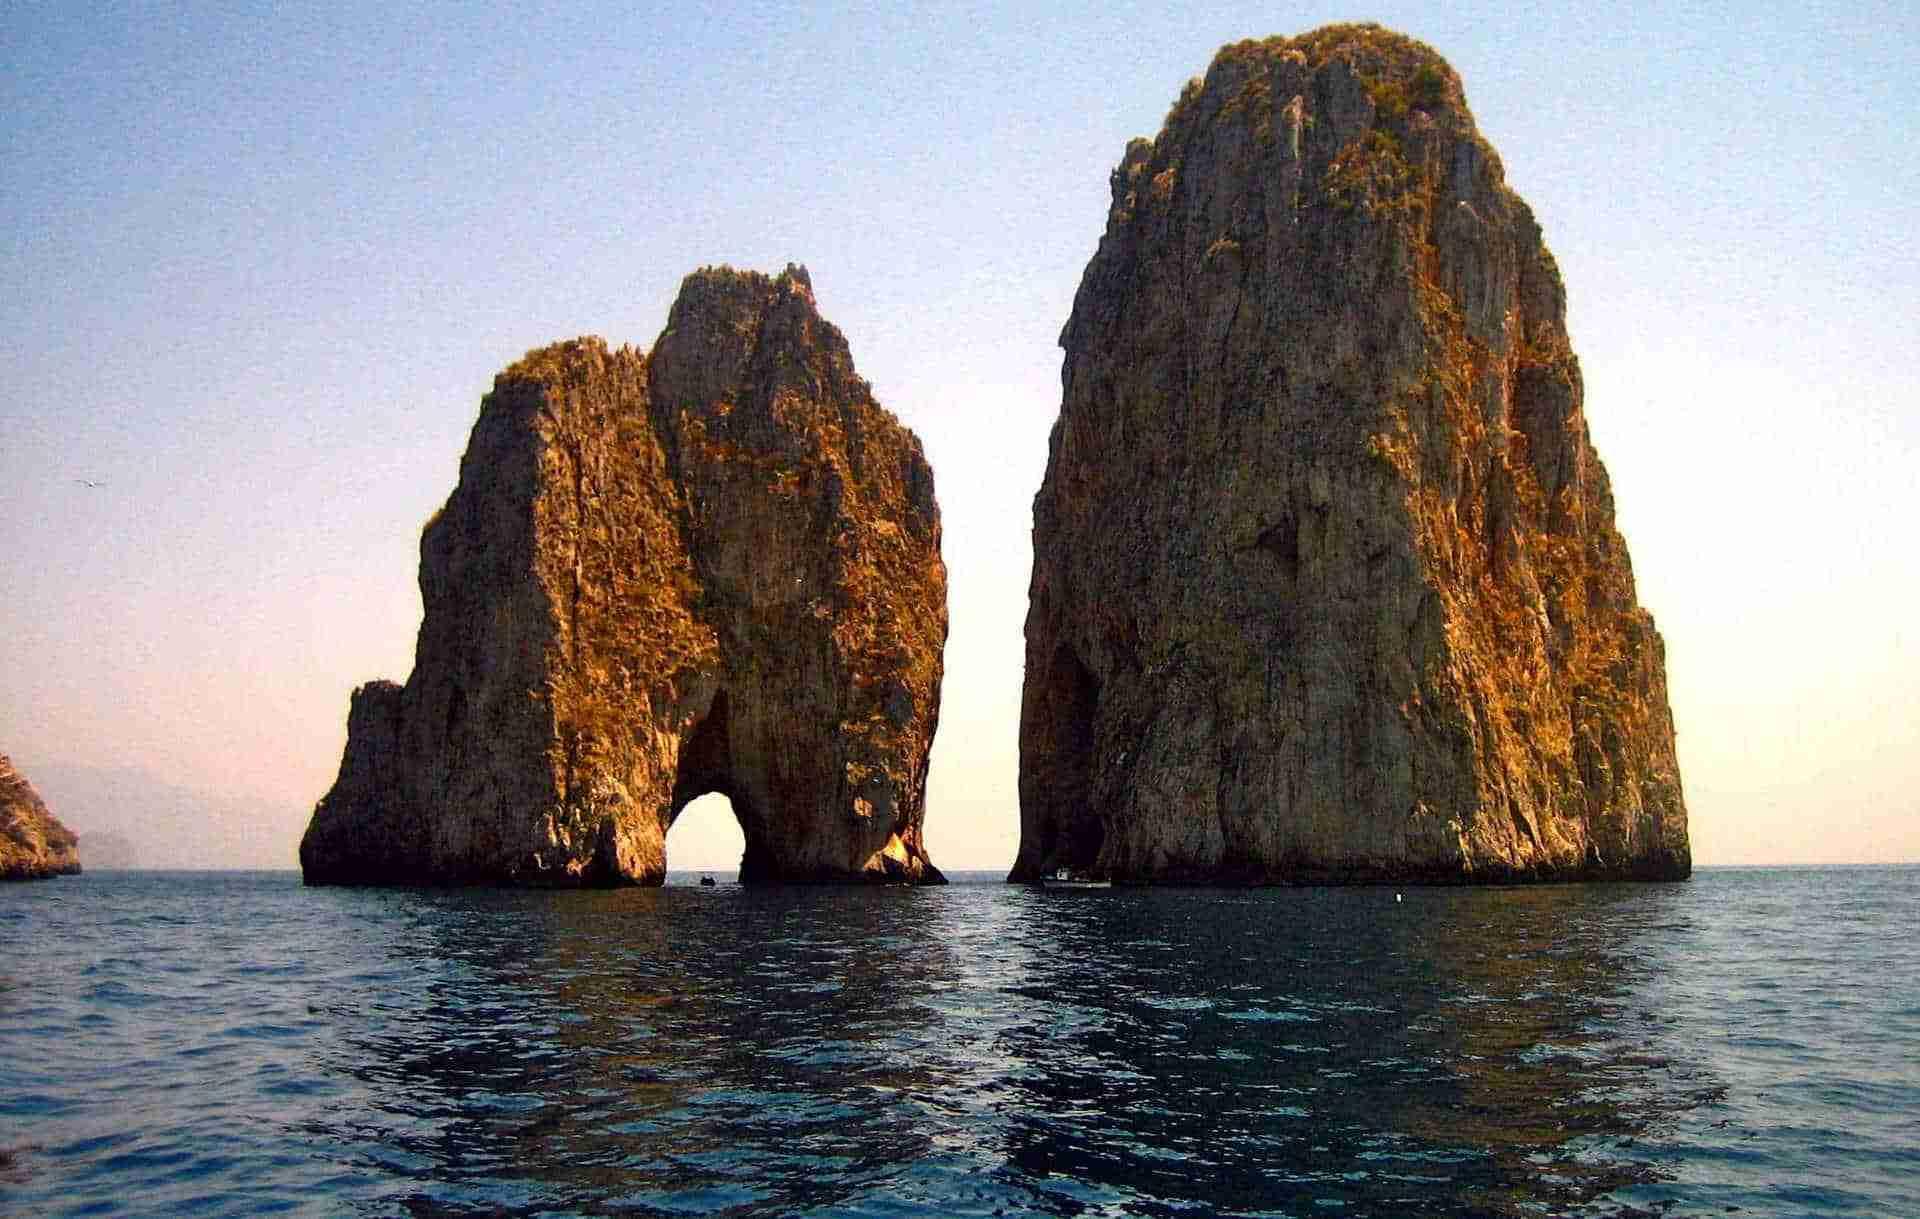 Crociera in Costiera amalfitana e isole del Golfo di Napoli 3